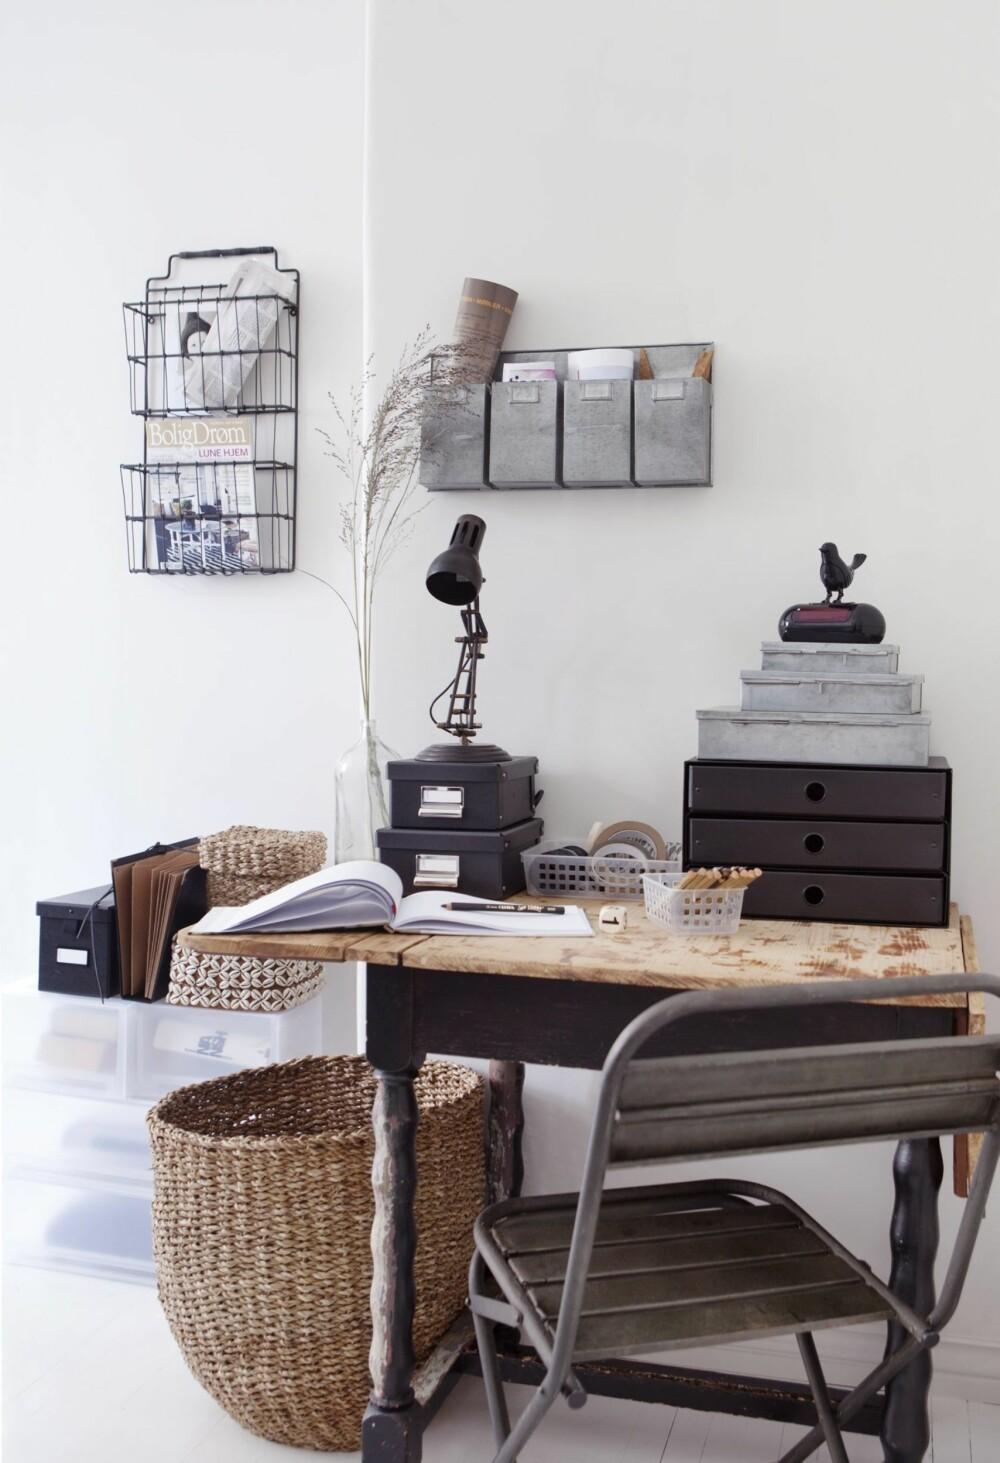 Et ryddig kontor gir et ryddig sinn, og plass til kreative tanker. Svart trådhylle på veggen, kr 250, Country Chic, posthylle i sink på veggen, kr 300, og stor kurv på gulvet, kr 300, begge fra Granit. På bordet fra venstre: bokser, 15 x 20 x 12 cm, kr 120 pr. stk., Granit, lampe i metall, 35 cm høy, kr 500, Country chic. Plastkurver, 14 x 11 cm, kr 30, og 16 x 20 cm, kr 40, begge fra Granit. Klokke med fugl, 18 cm høy, kr 300, Habitat. Boks med 3 skuffer, 35 x 25 x 21 cm, kr 150, sett med sinkbokser, den største måler 30 x 22 x 12 cm, kr 200 for 3, og stol i metall, kr 500, alt fra Granit.